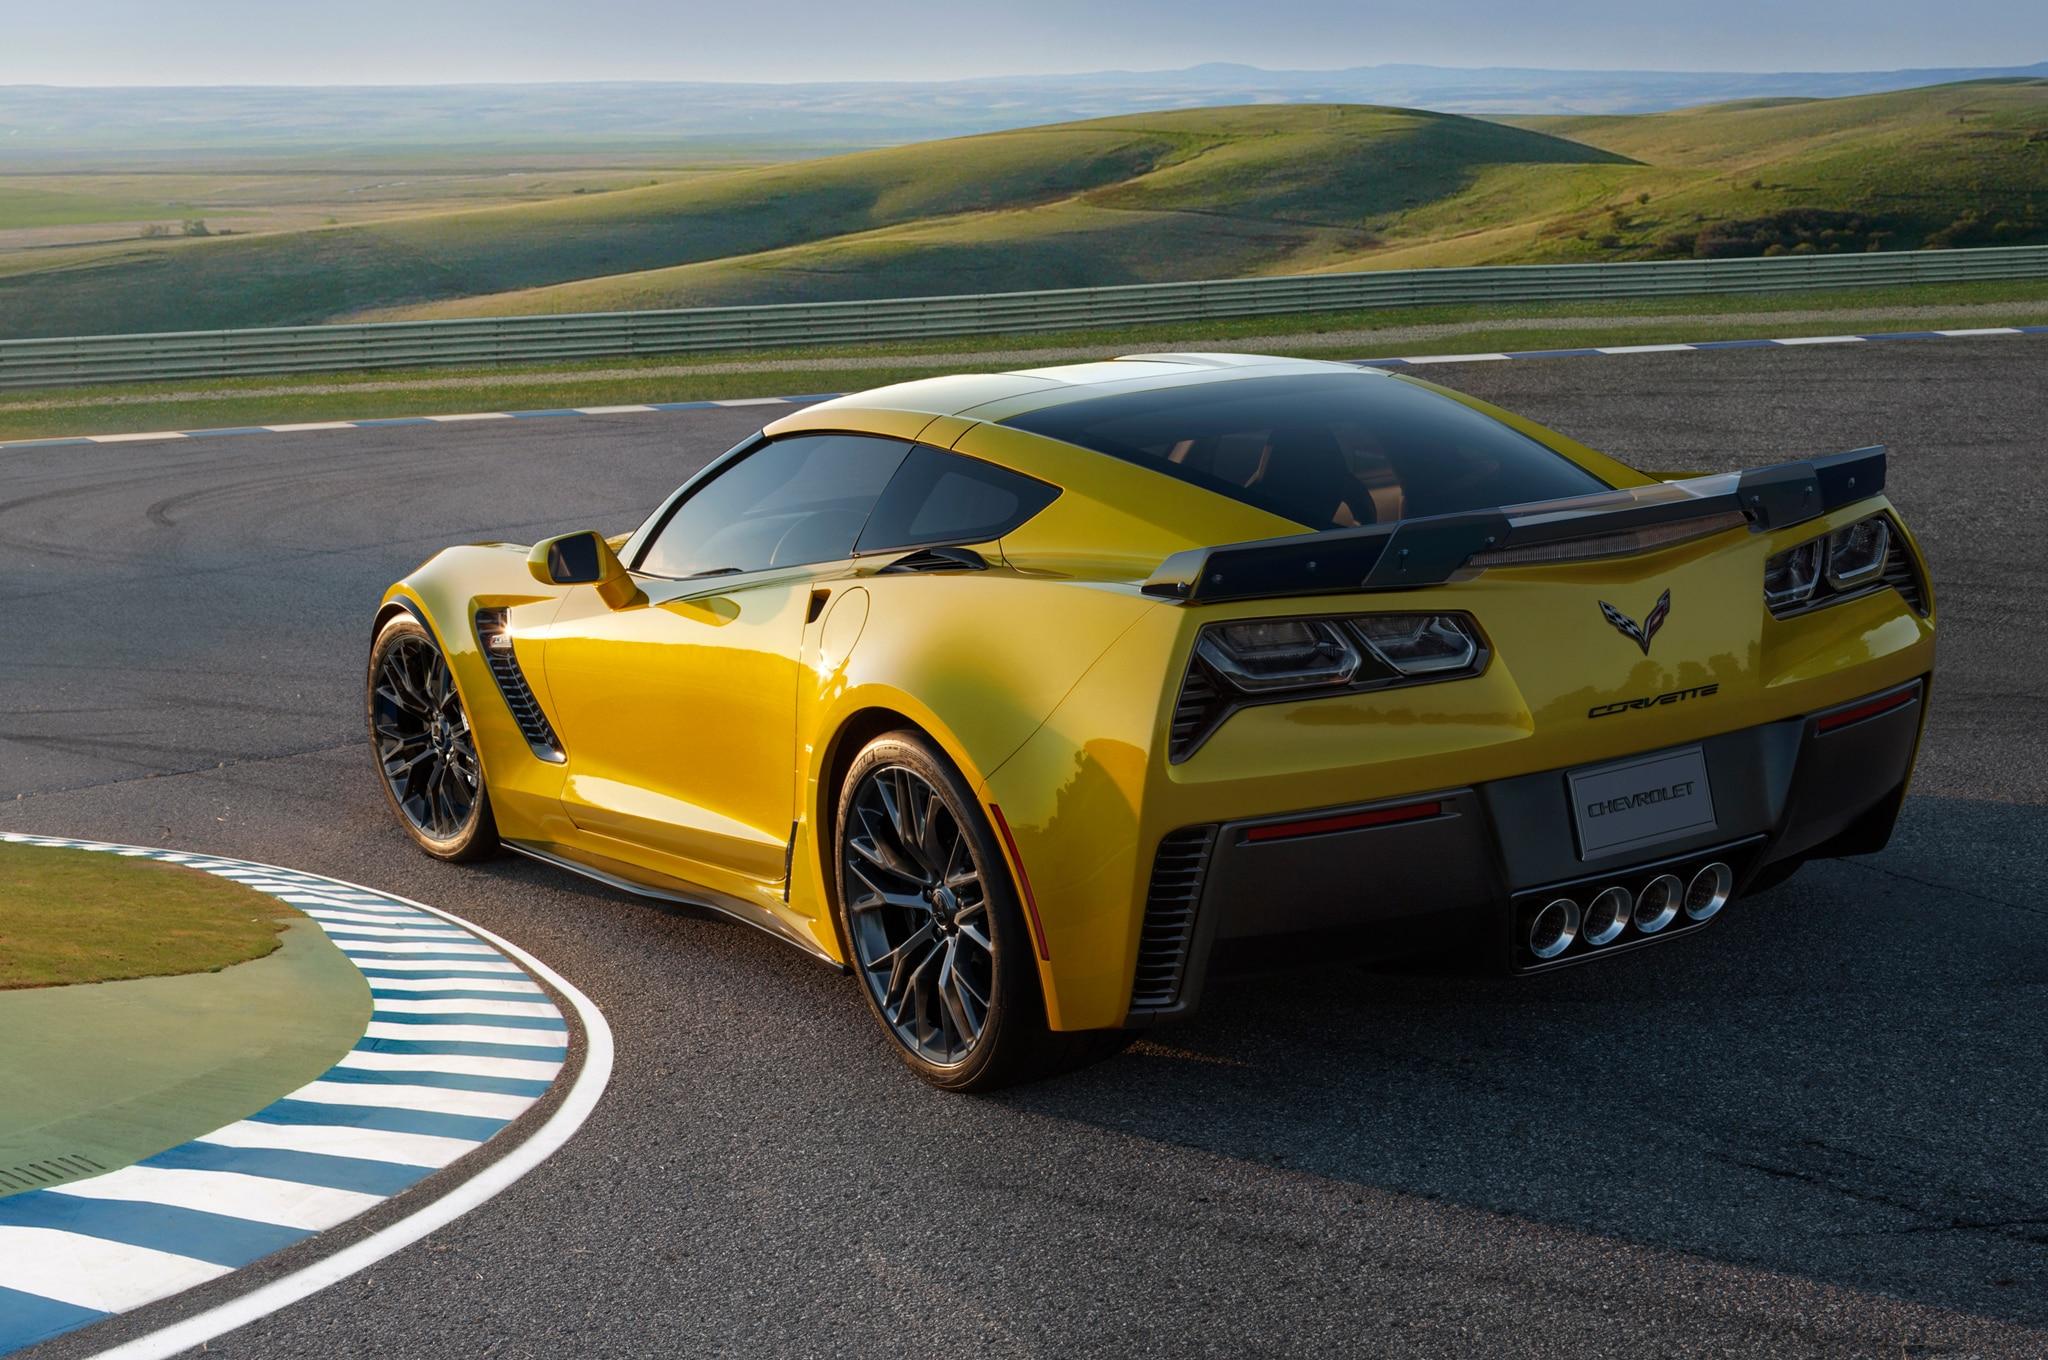 2015 Chevrolet Corvette Z06 Rear Three Quarter Turn2